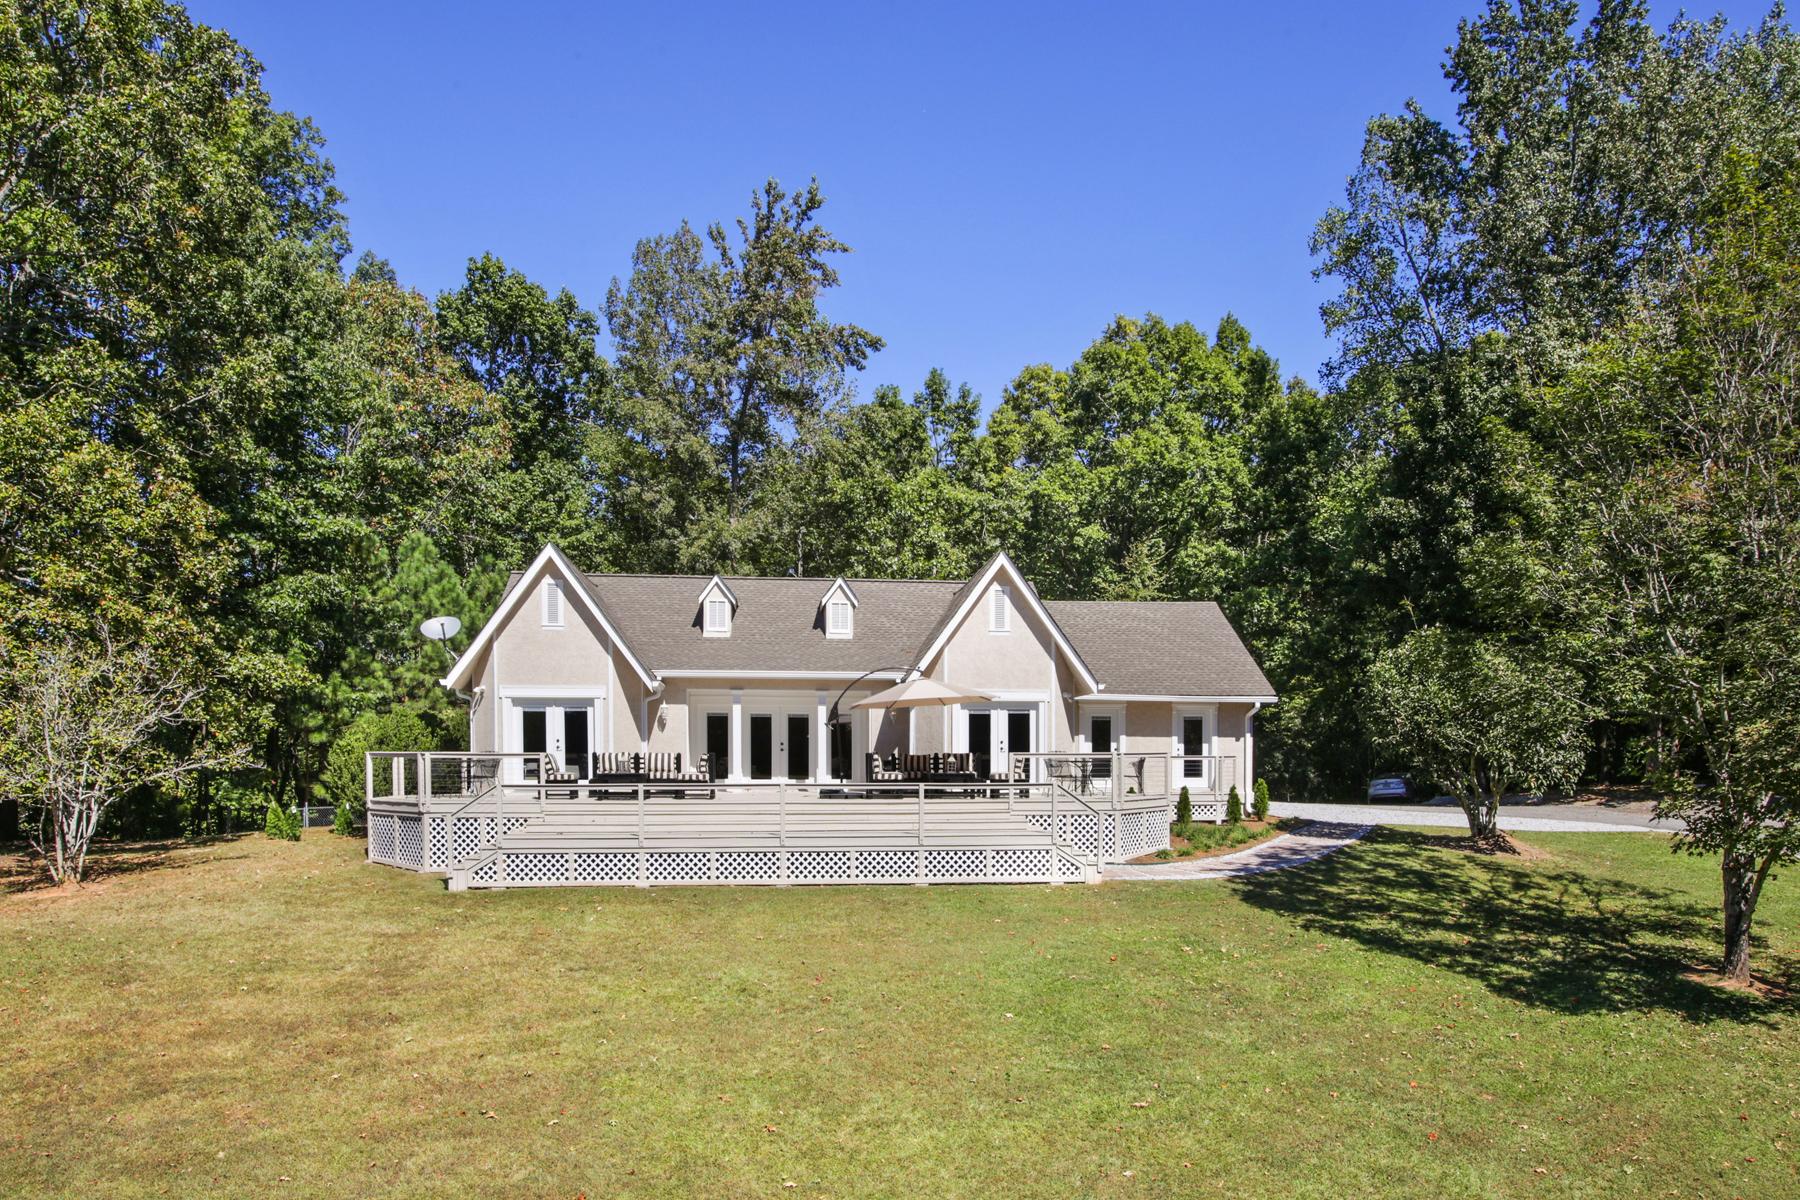 Maison unifamiliale pour l Vente à European Style Lakefront Getaway 8440 Hearn Road Chattahoochee Hills, Georgia, 30268 États-Unis